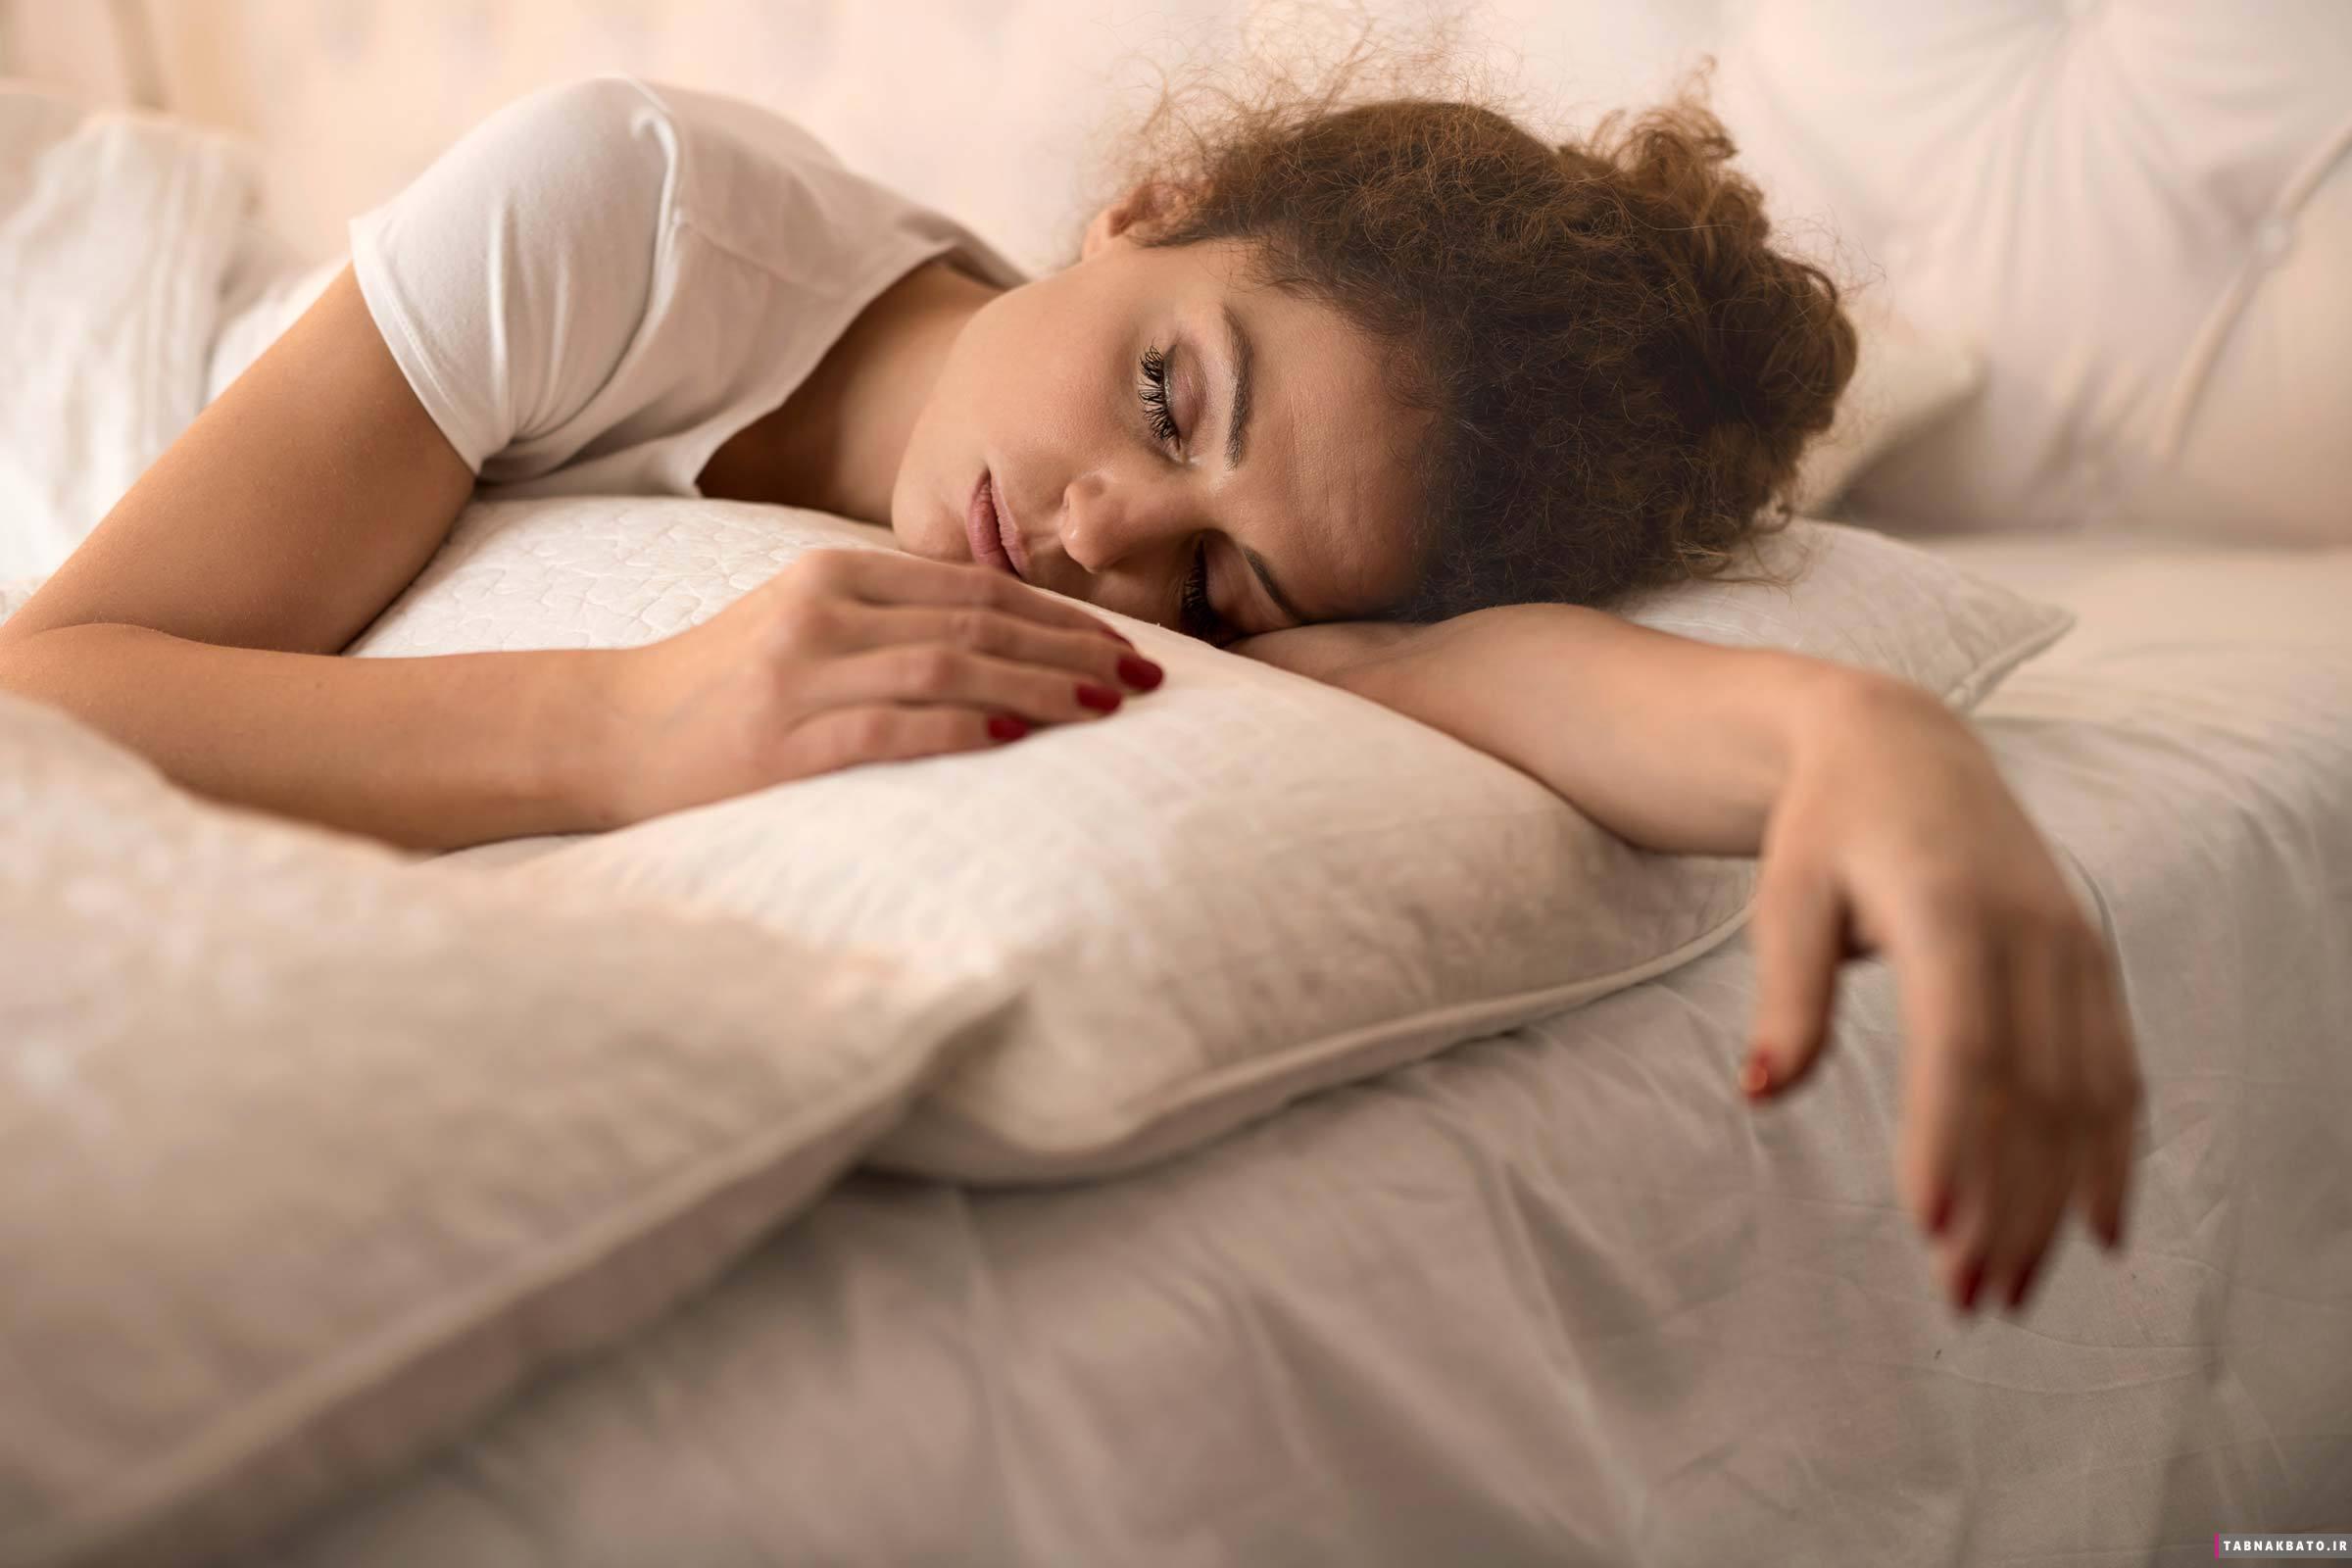 خستگی و خواب آلودگی از مشکلات درونی خبر میدهند